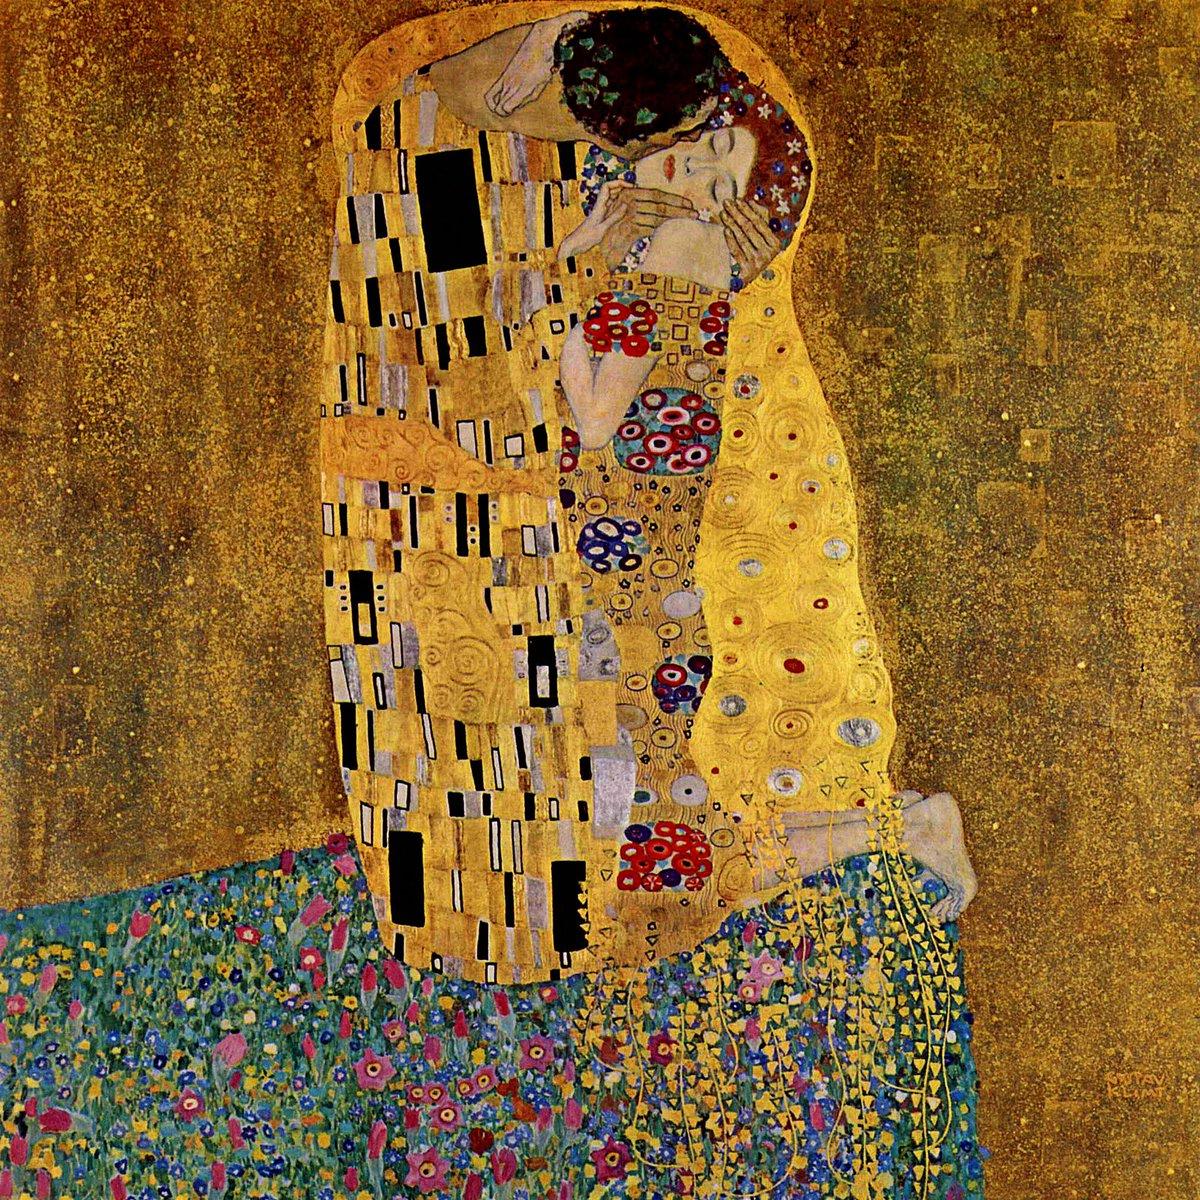 Mostra Klimt Experience a Firenze: orari, prezzo biglietto e quando finisce.